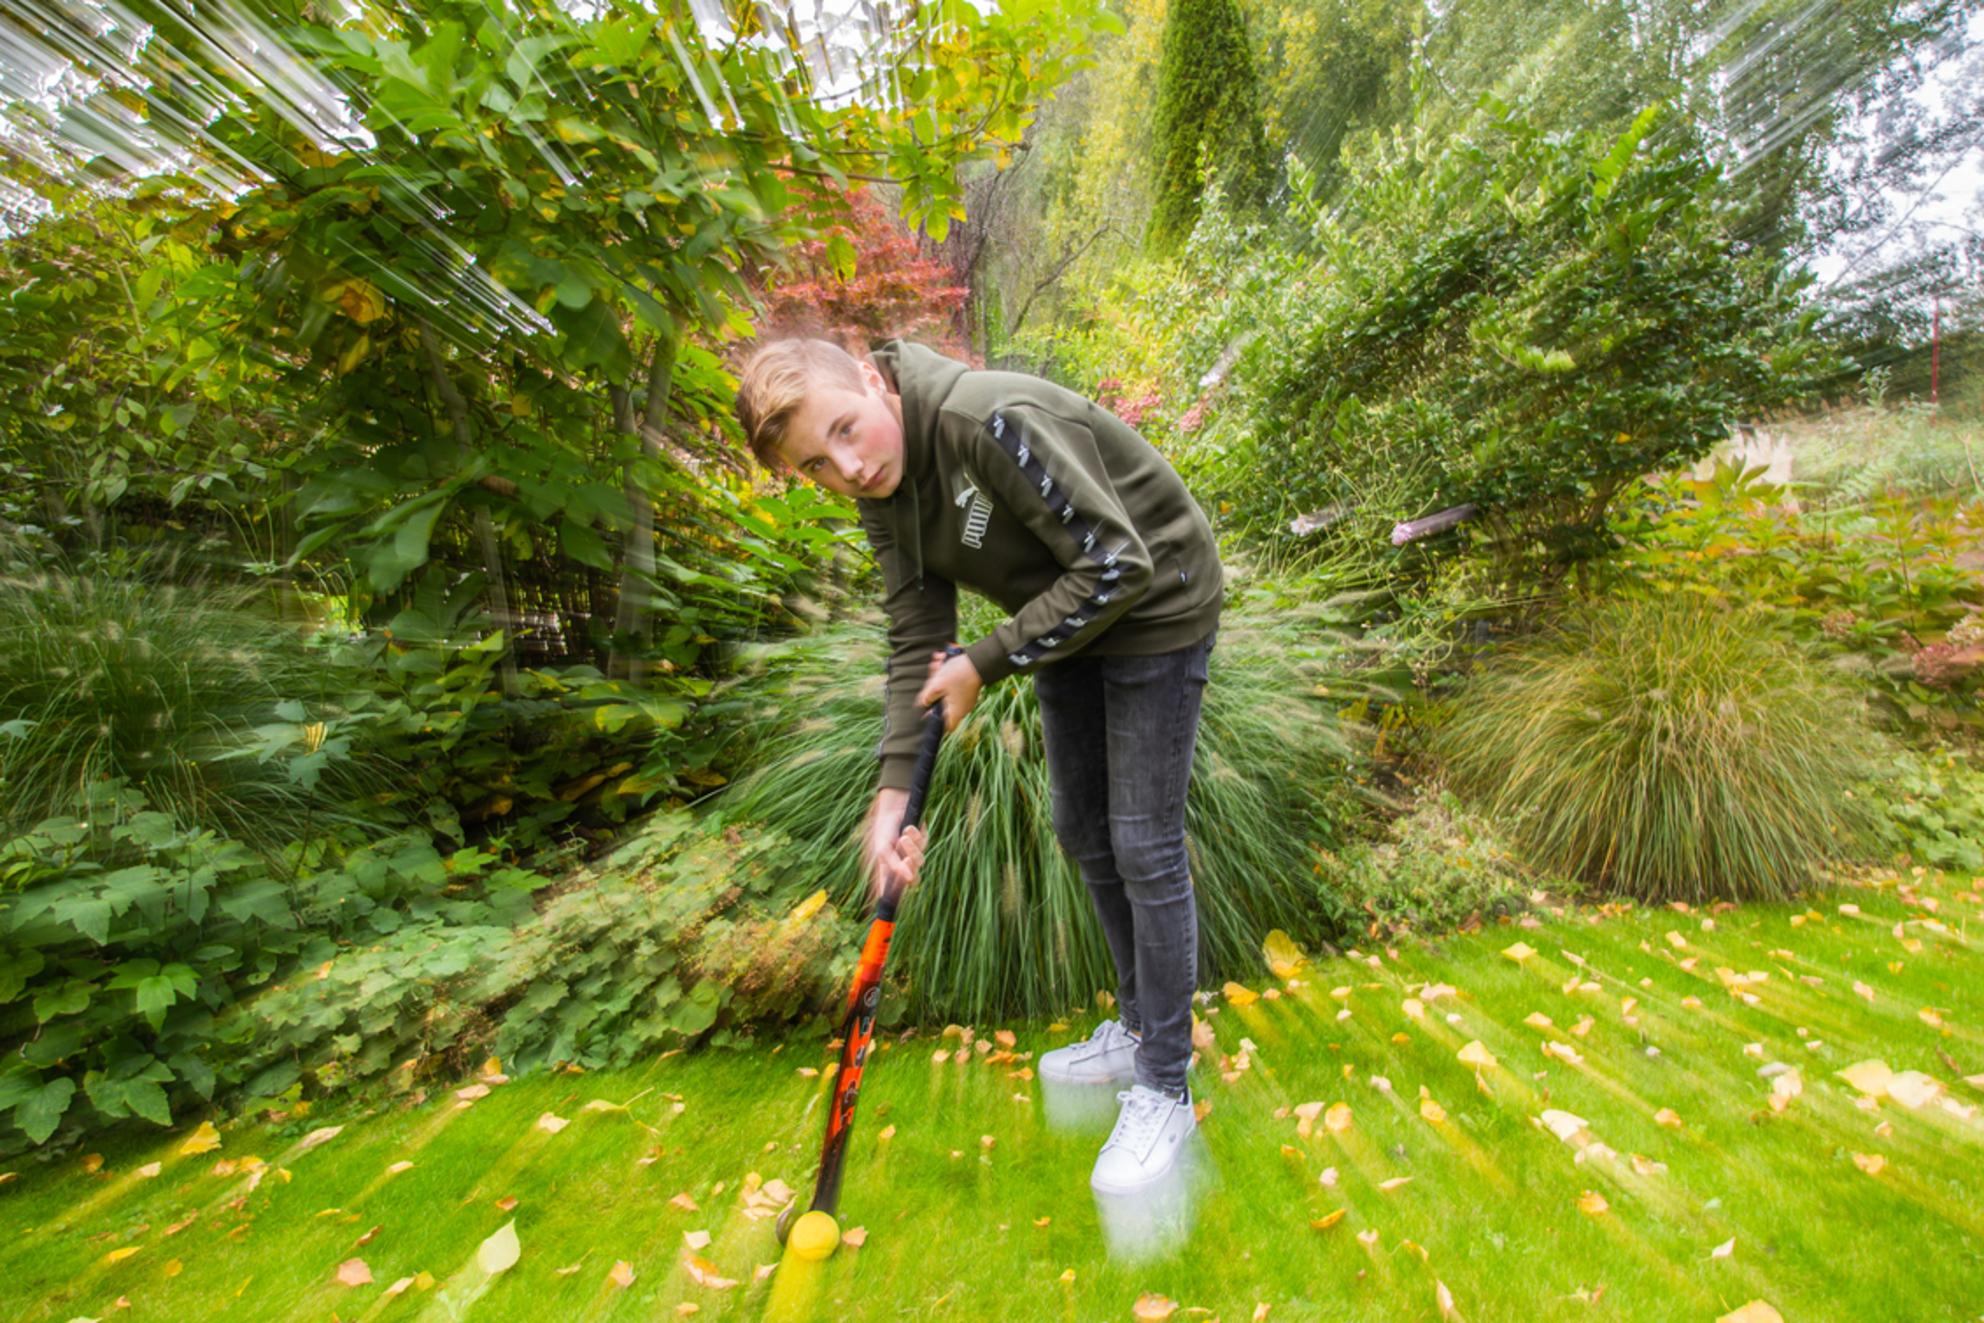 Jaap - Portret hockeyer Jaap - foto door marijkevano op 02-03-2021 - deze foto bevat: portret, flits, jongen, fotoshoot, flitser, zoomen; sport; hockey - Deze foto mag gebruikt worden in een Zoom.nl publicatie